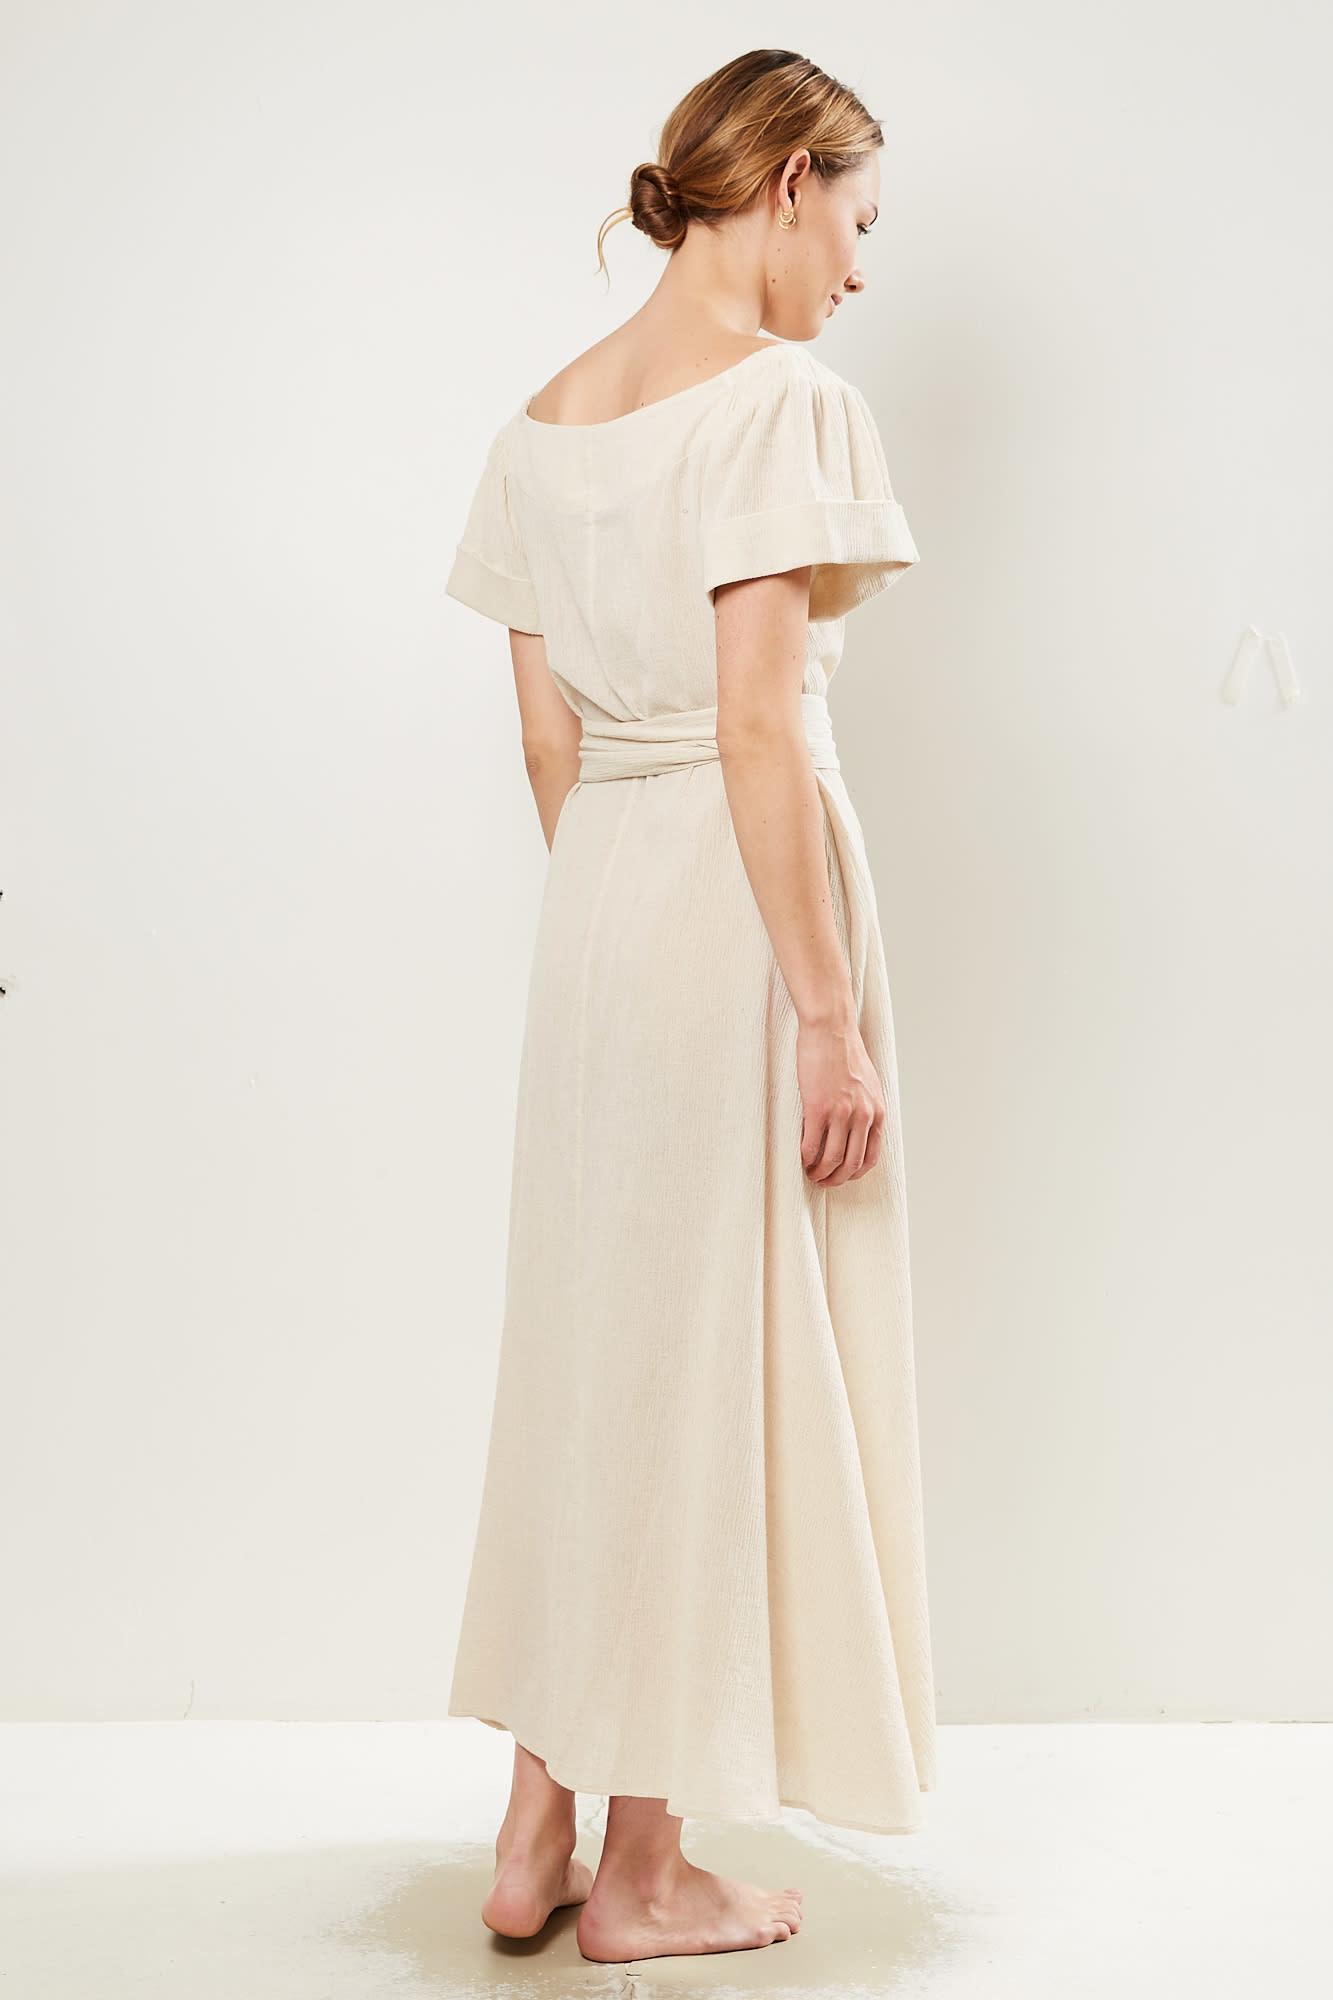 Mara Hoffman - Adalina organic linen cotton dress